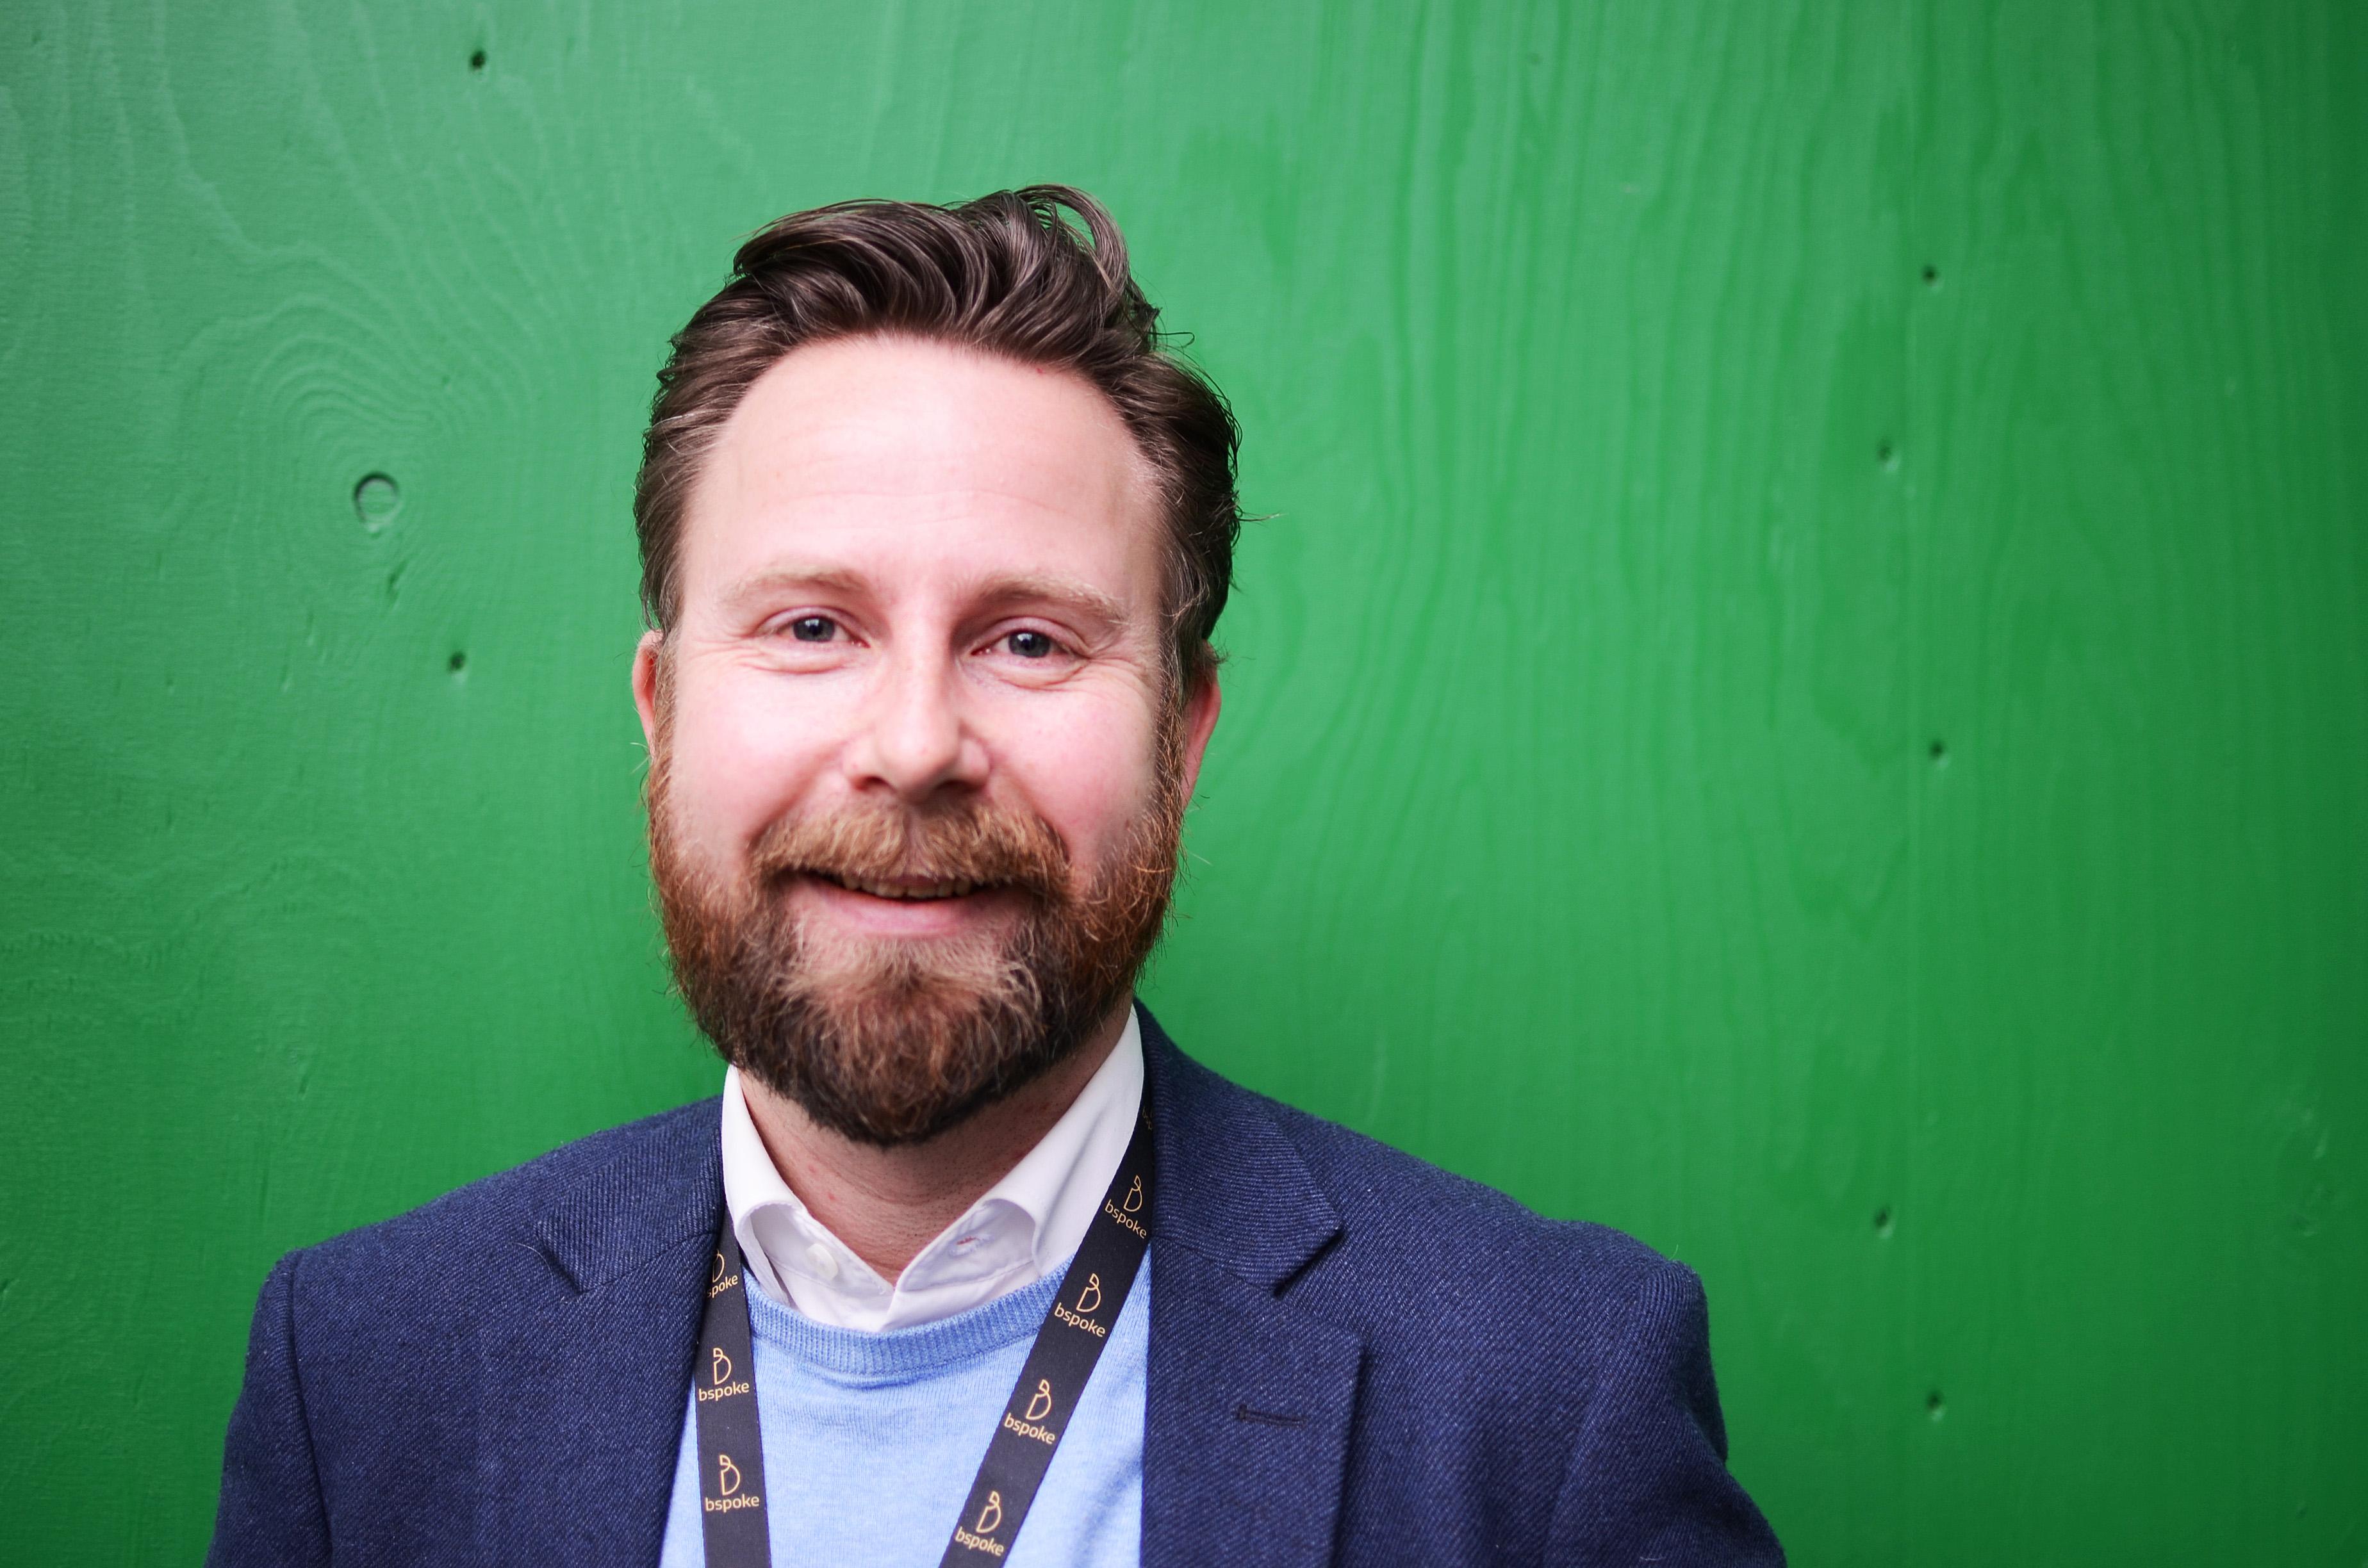 For å ta vare på firmaet ditt, må du ta vare på de ansatte, mener Einar Omdal, COO i bspoke